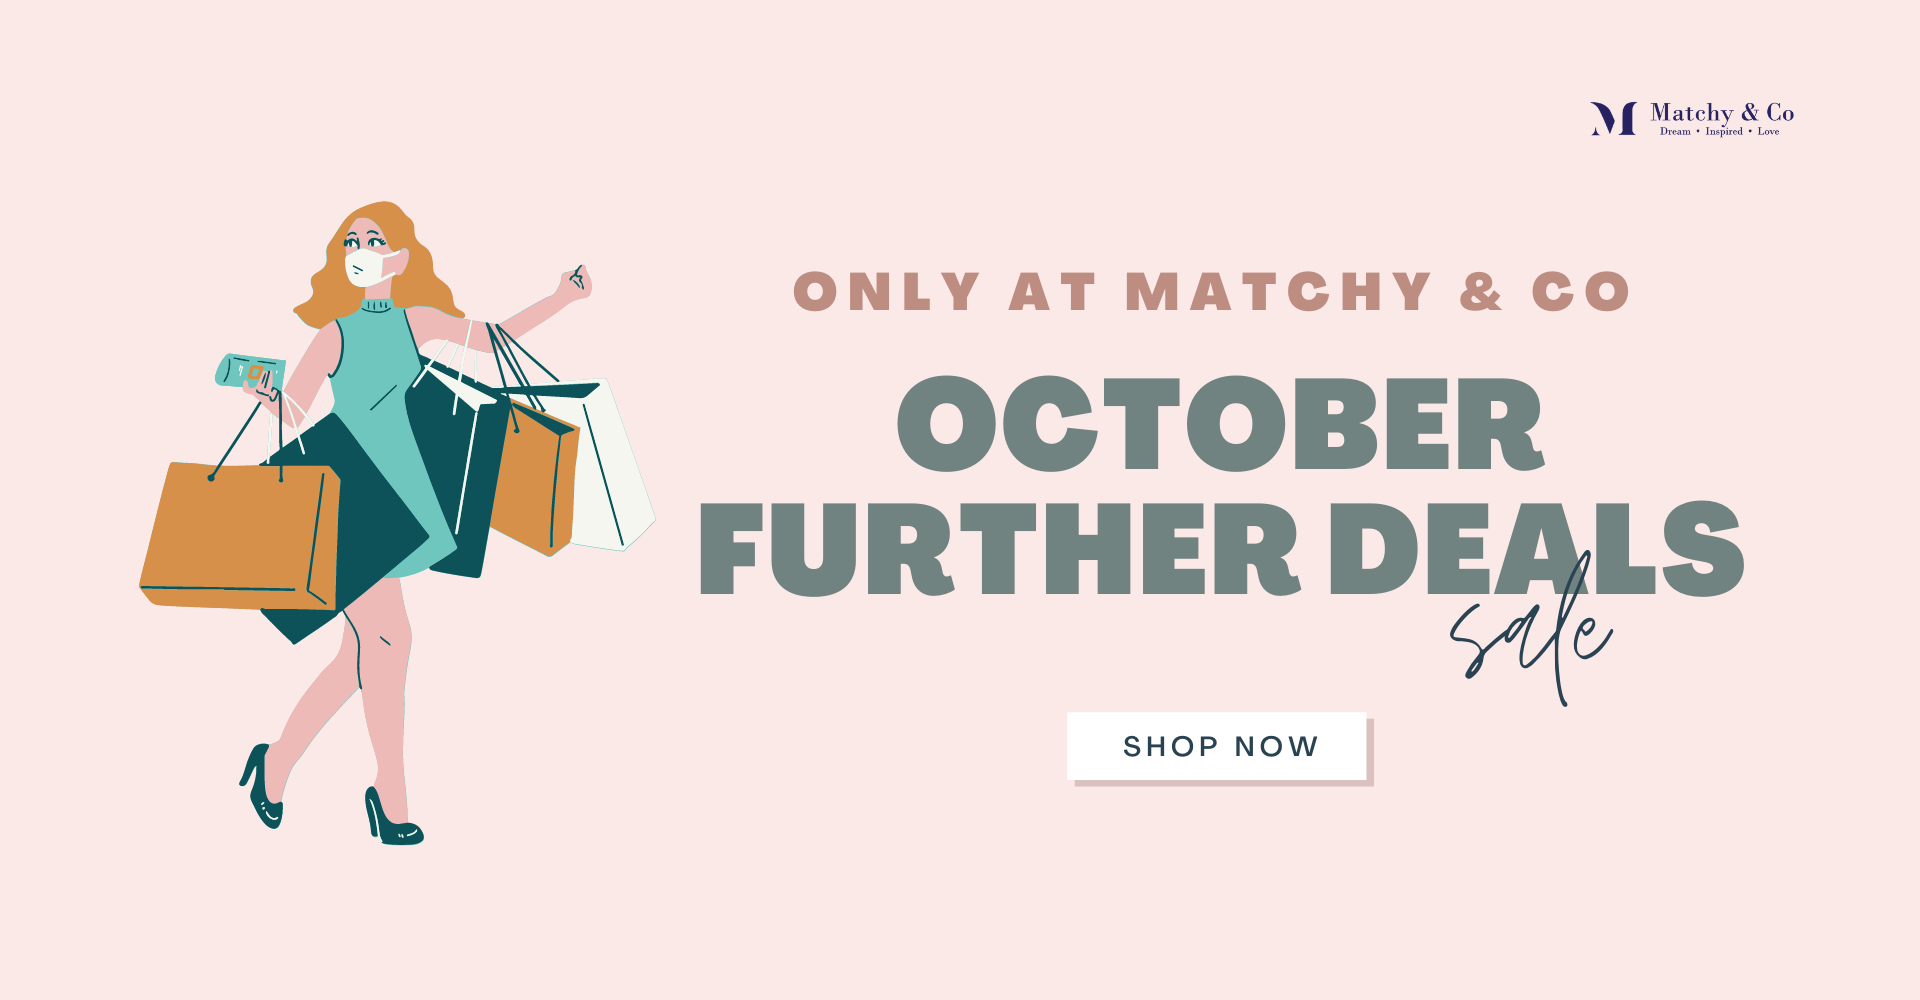 October Further Deals